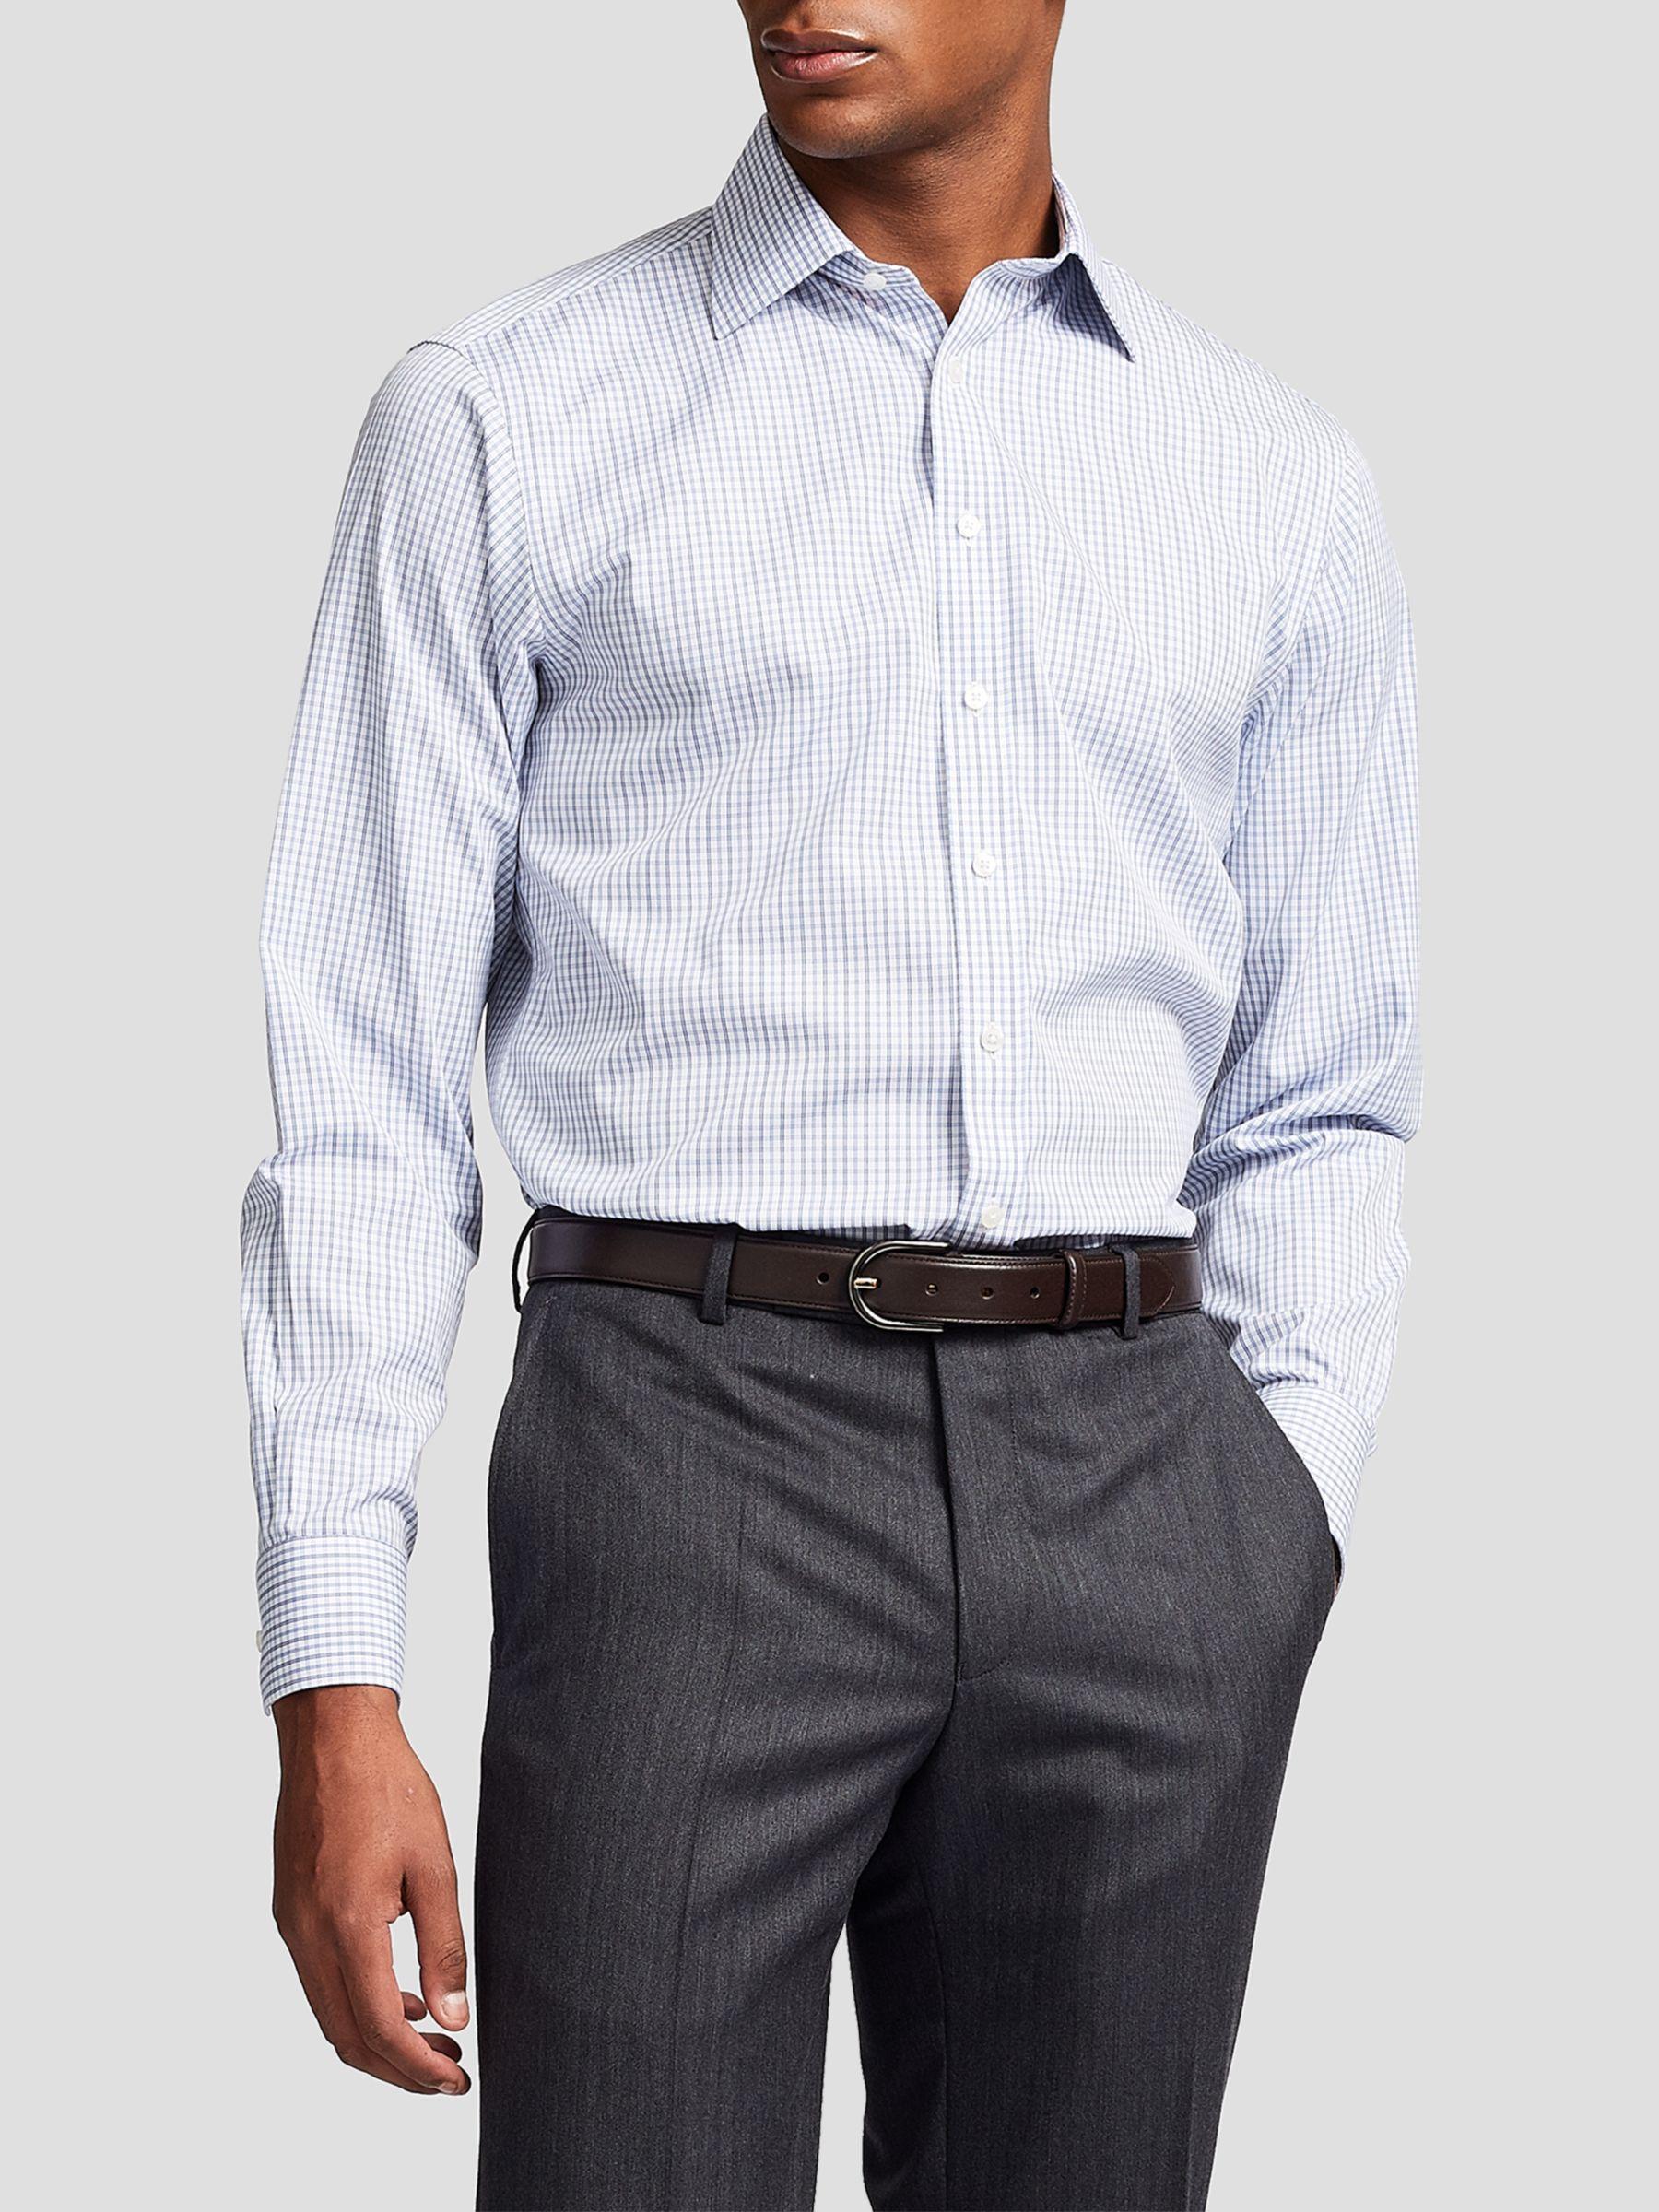 Thomas Pink Thomas Pink Lipson Check Slim Fit XL Sleeve Shirt, Blue/White